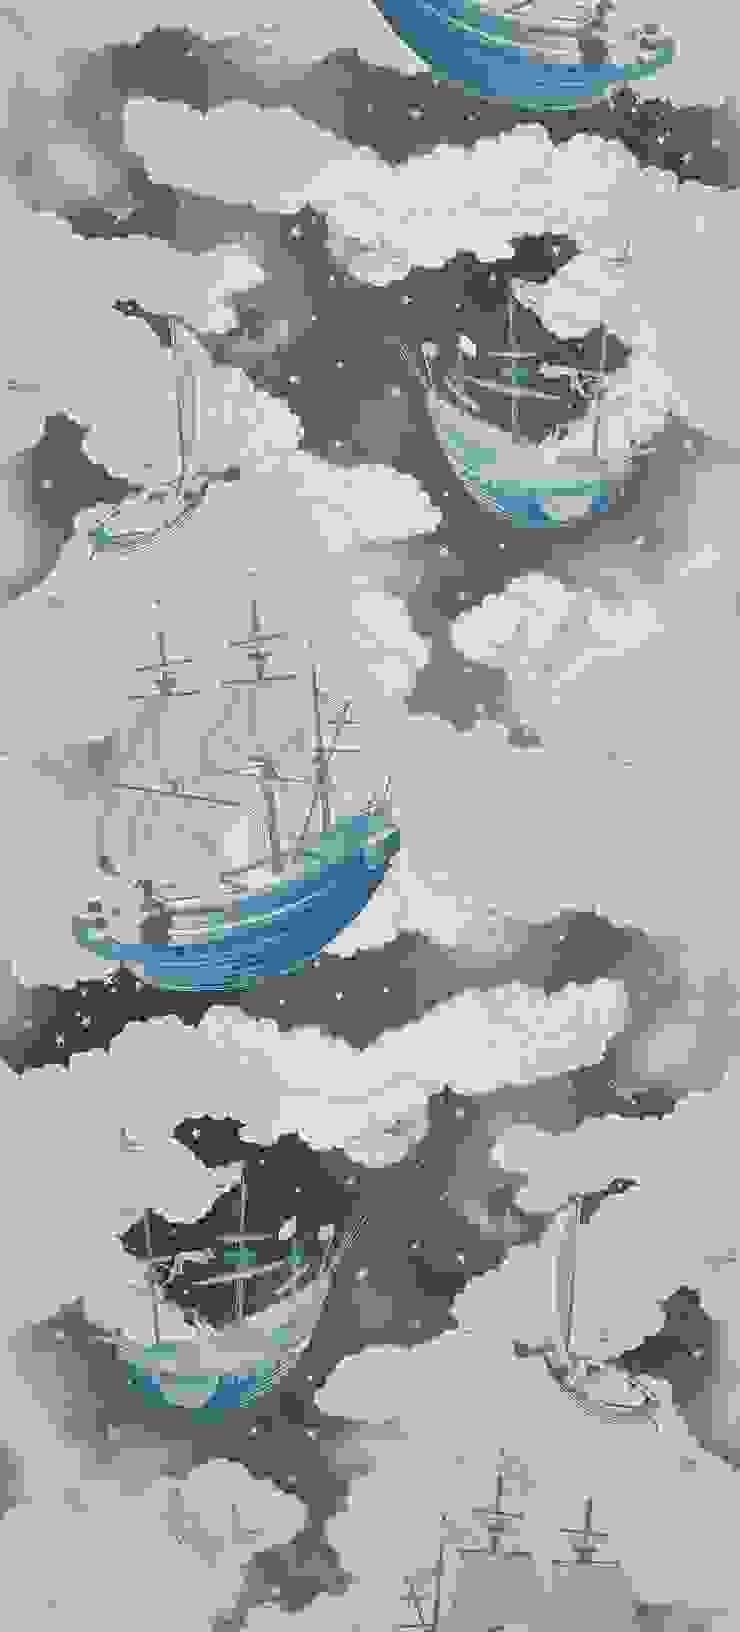 FISHING FOR STARS Sky Blue Wallpaper 10m Roll de Hevensent Clásico